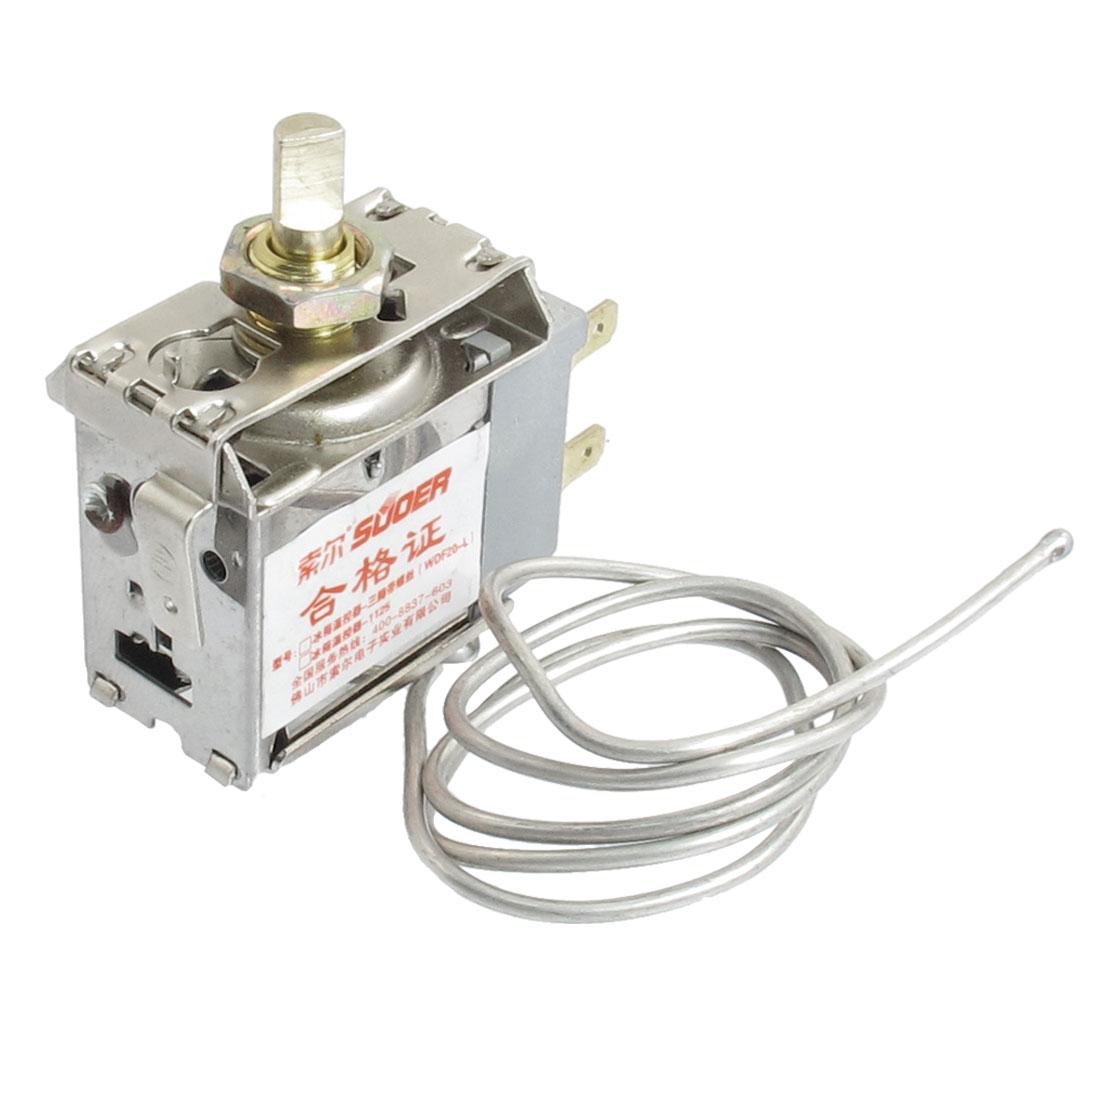 55cm Length Metal Cord Temperature Control Fridge Temperature Controller AC 250V 5A